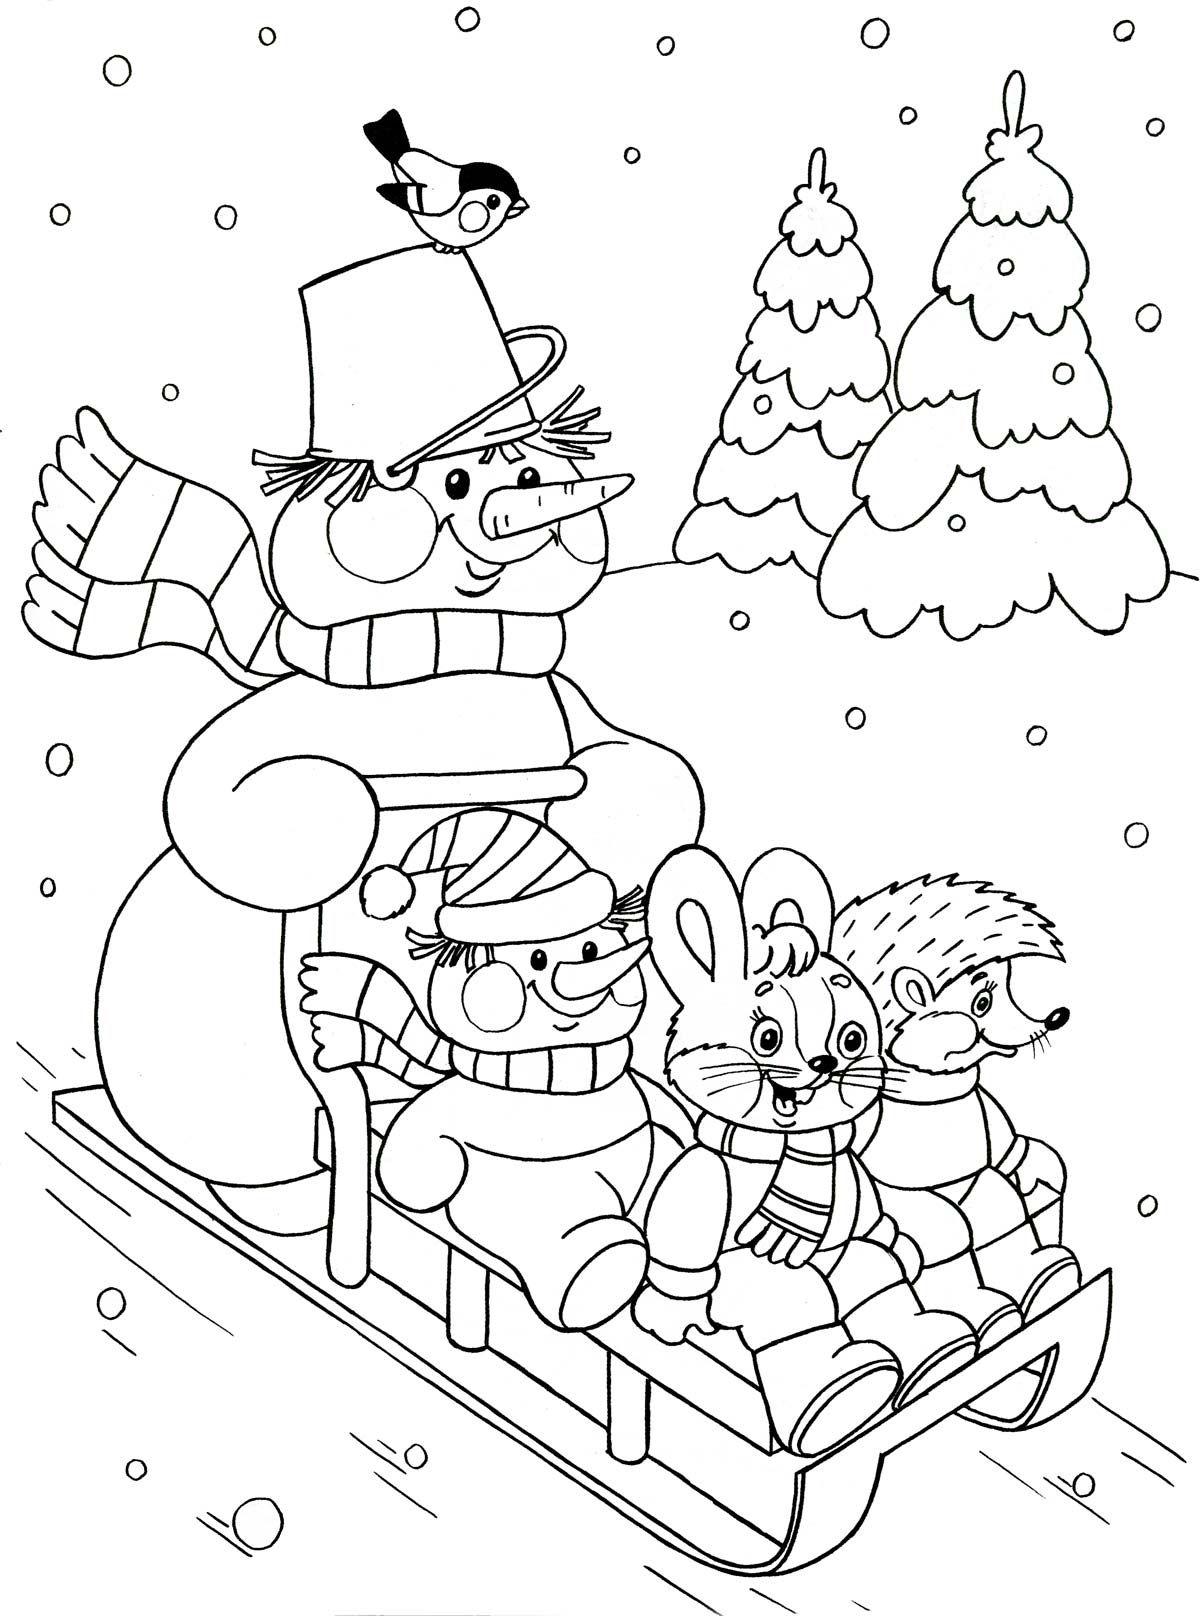 Kleurplaten Winter Slee.Kleurplaat Op De Slee Voor Kleuters Winter Kleurplaten